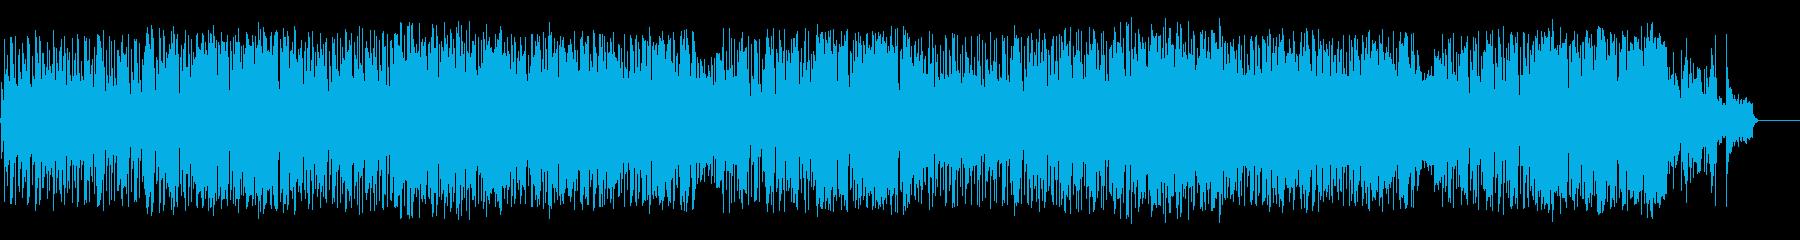 店内向けのポップ ロック(フルサイズ)の再生済みの波形